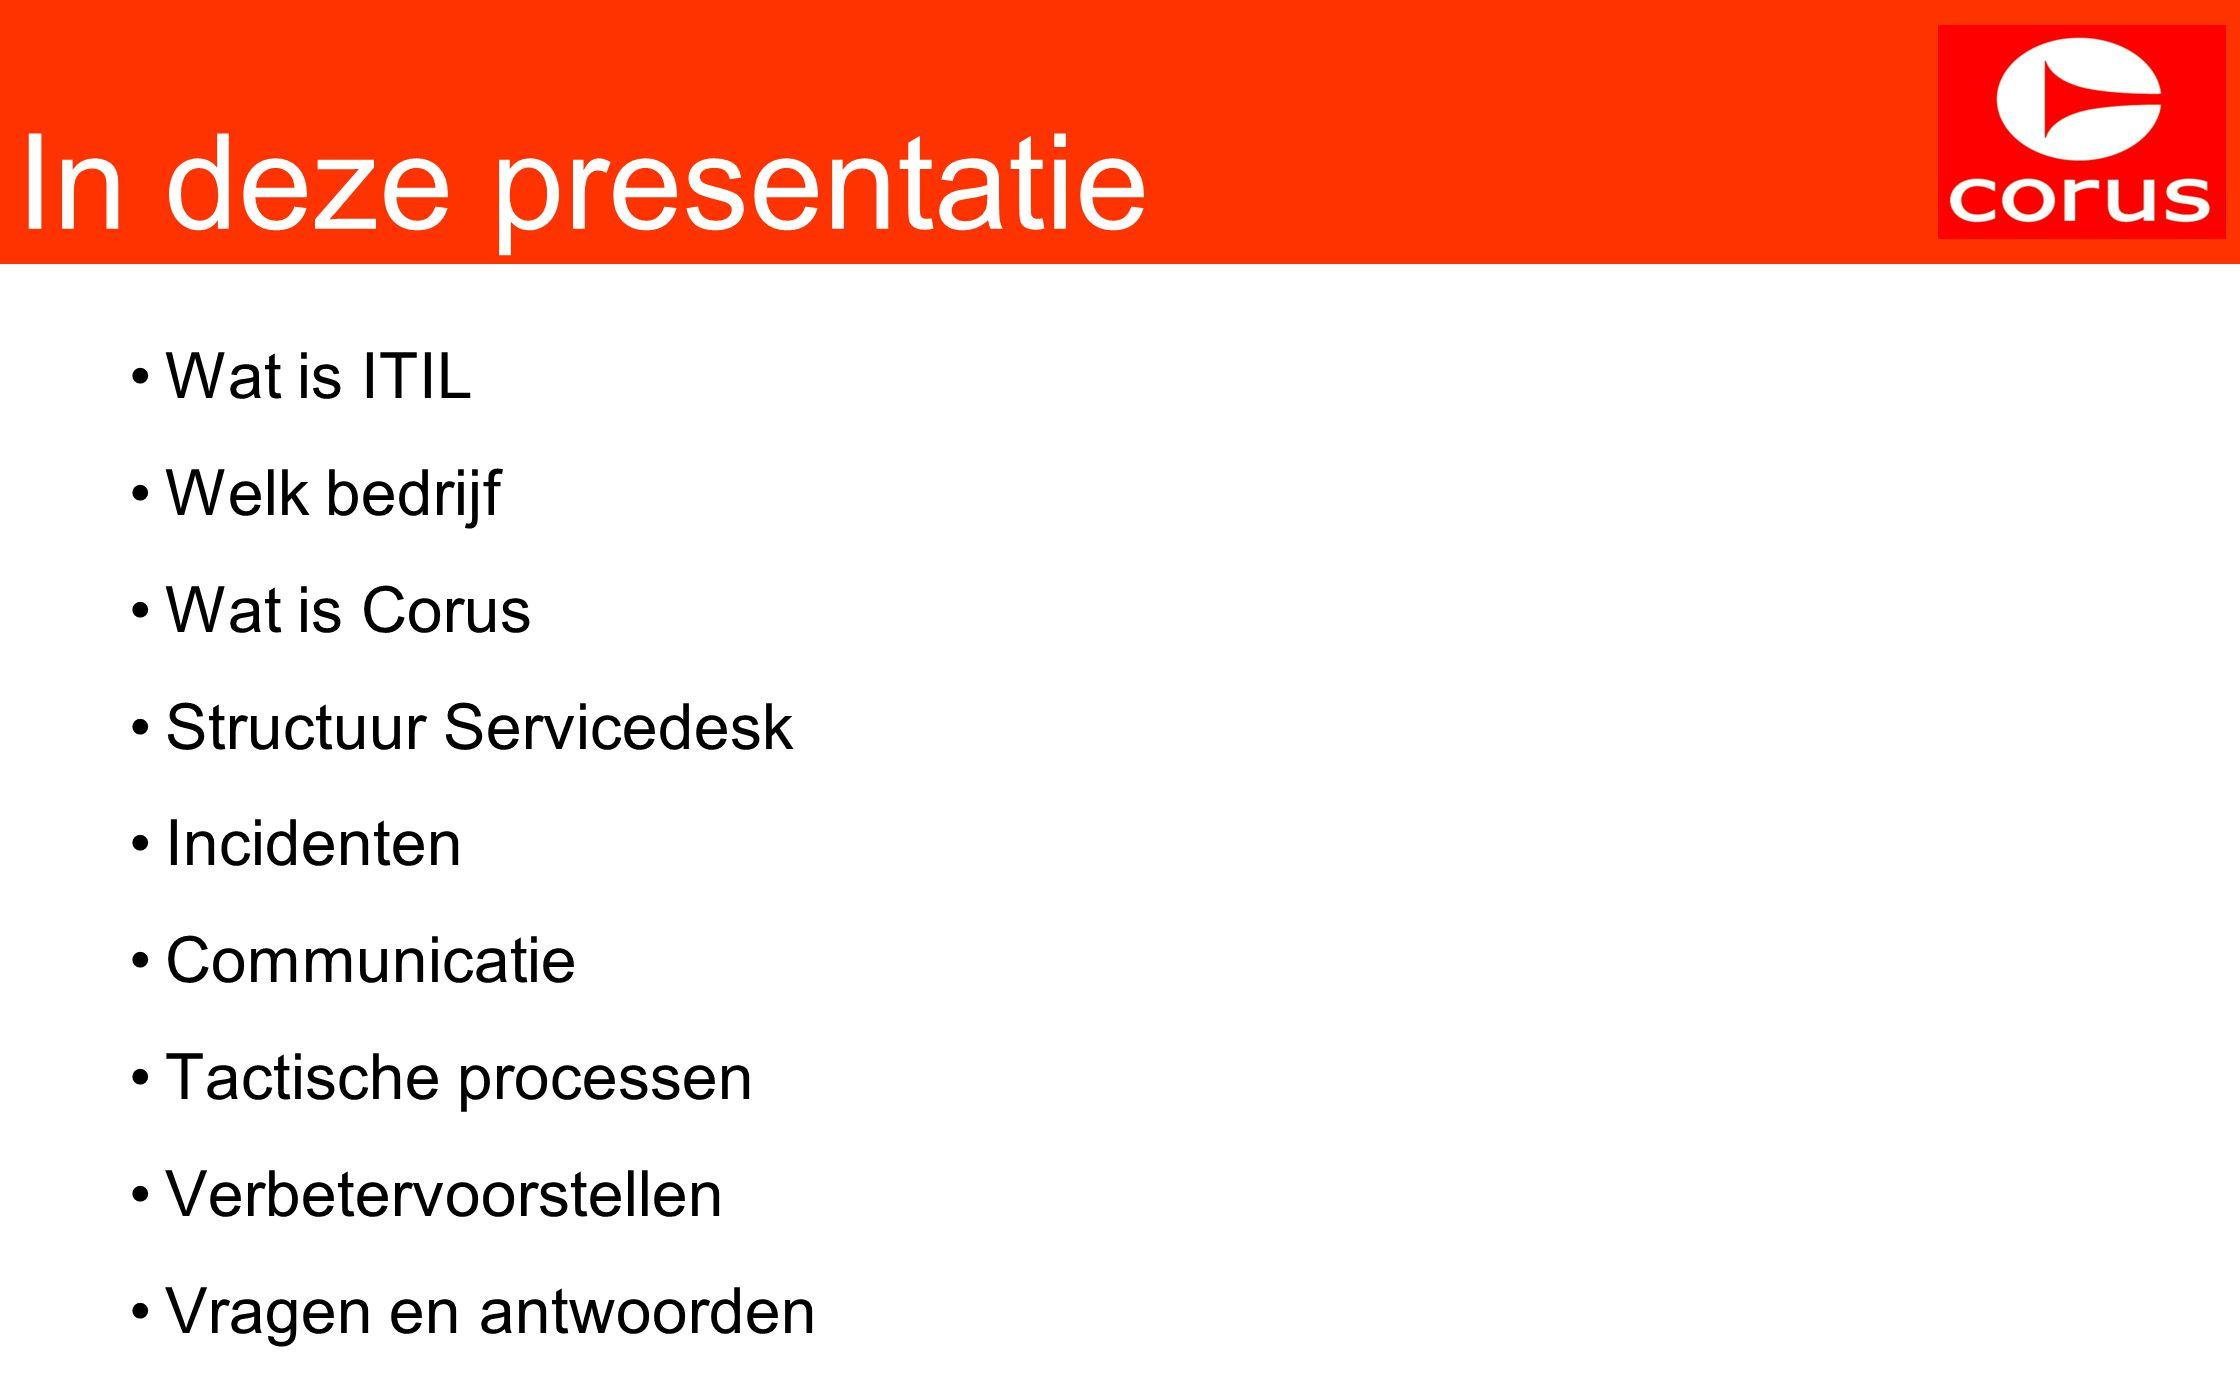 In deze presentatie Wat is ITIL Welk bedrijf Wat is Corus Structuur Servicedesk Incidenten Communicatie Tactische processen Verbetervoorstellen Vragen